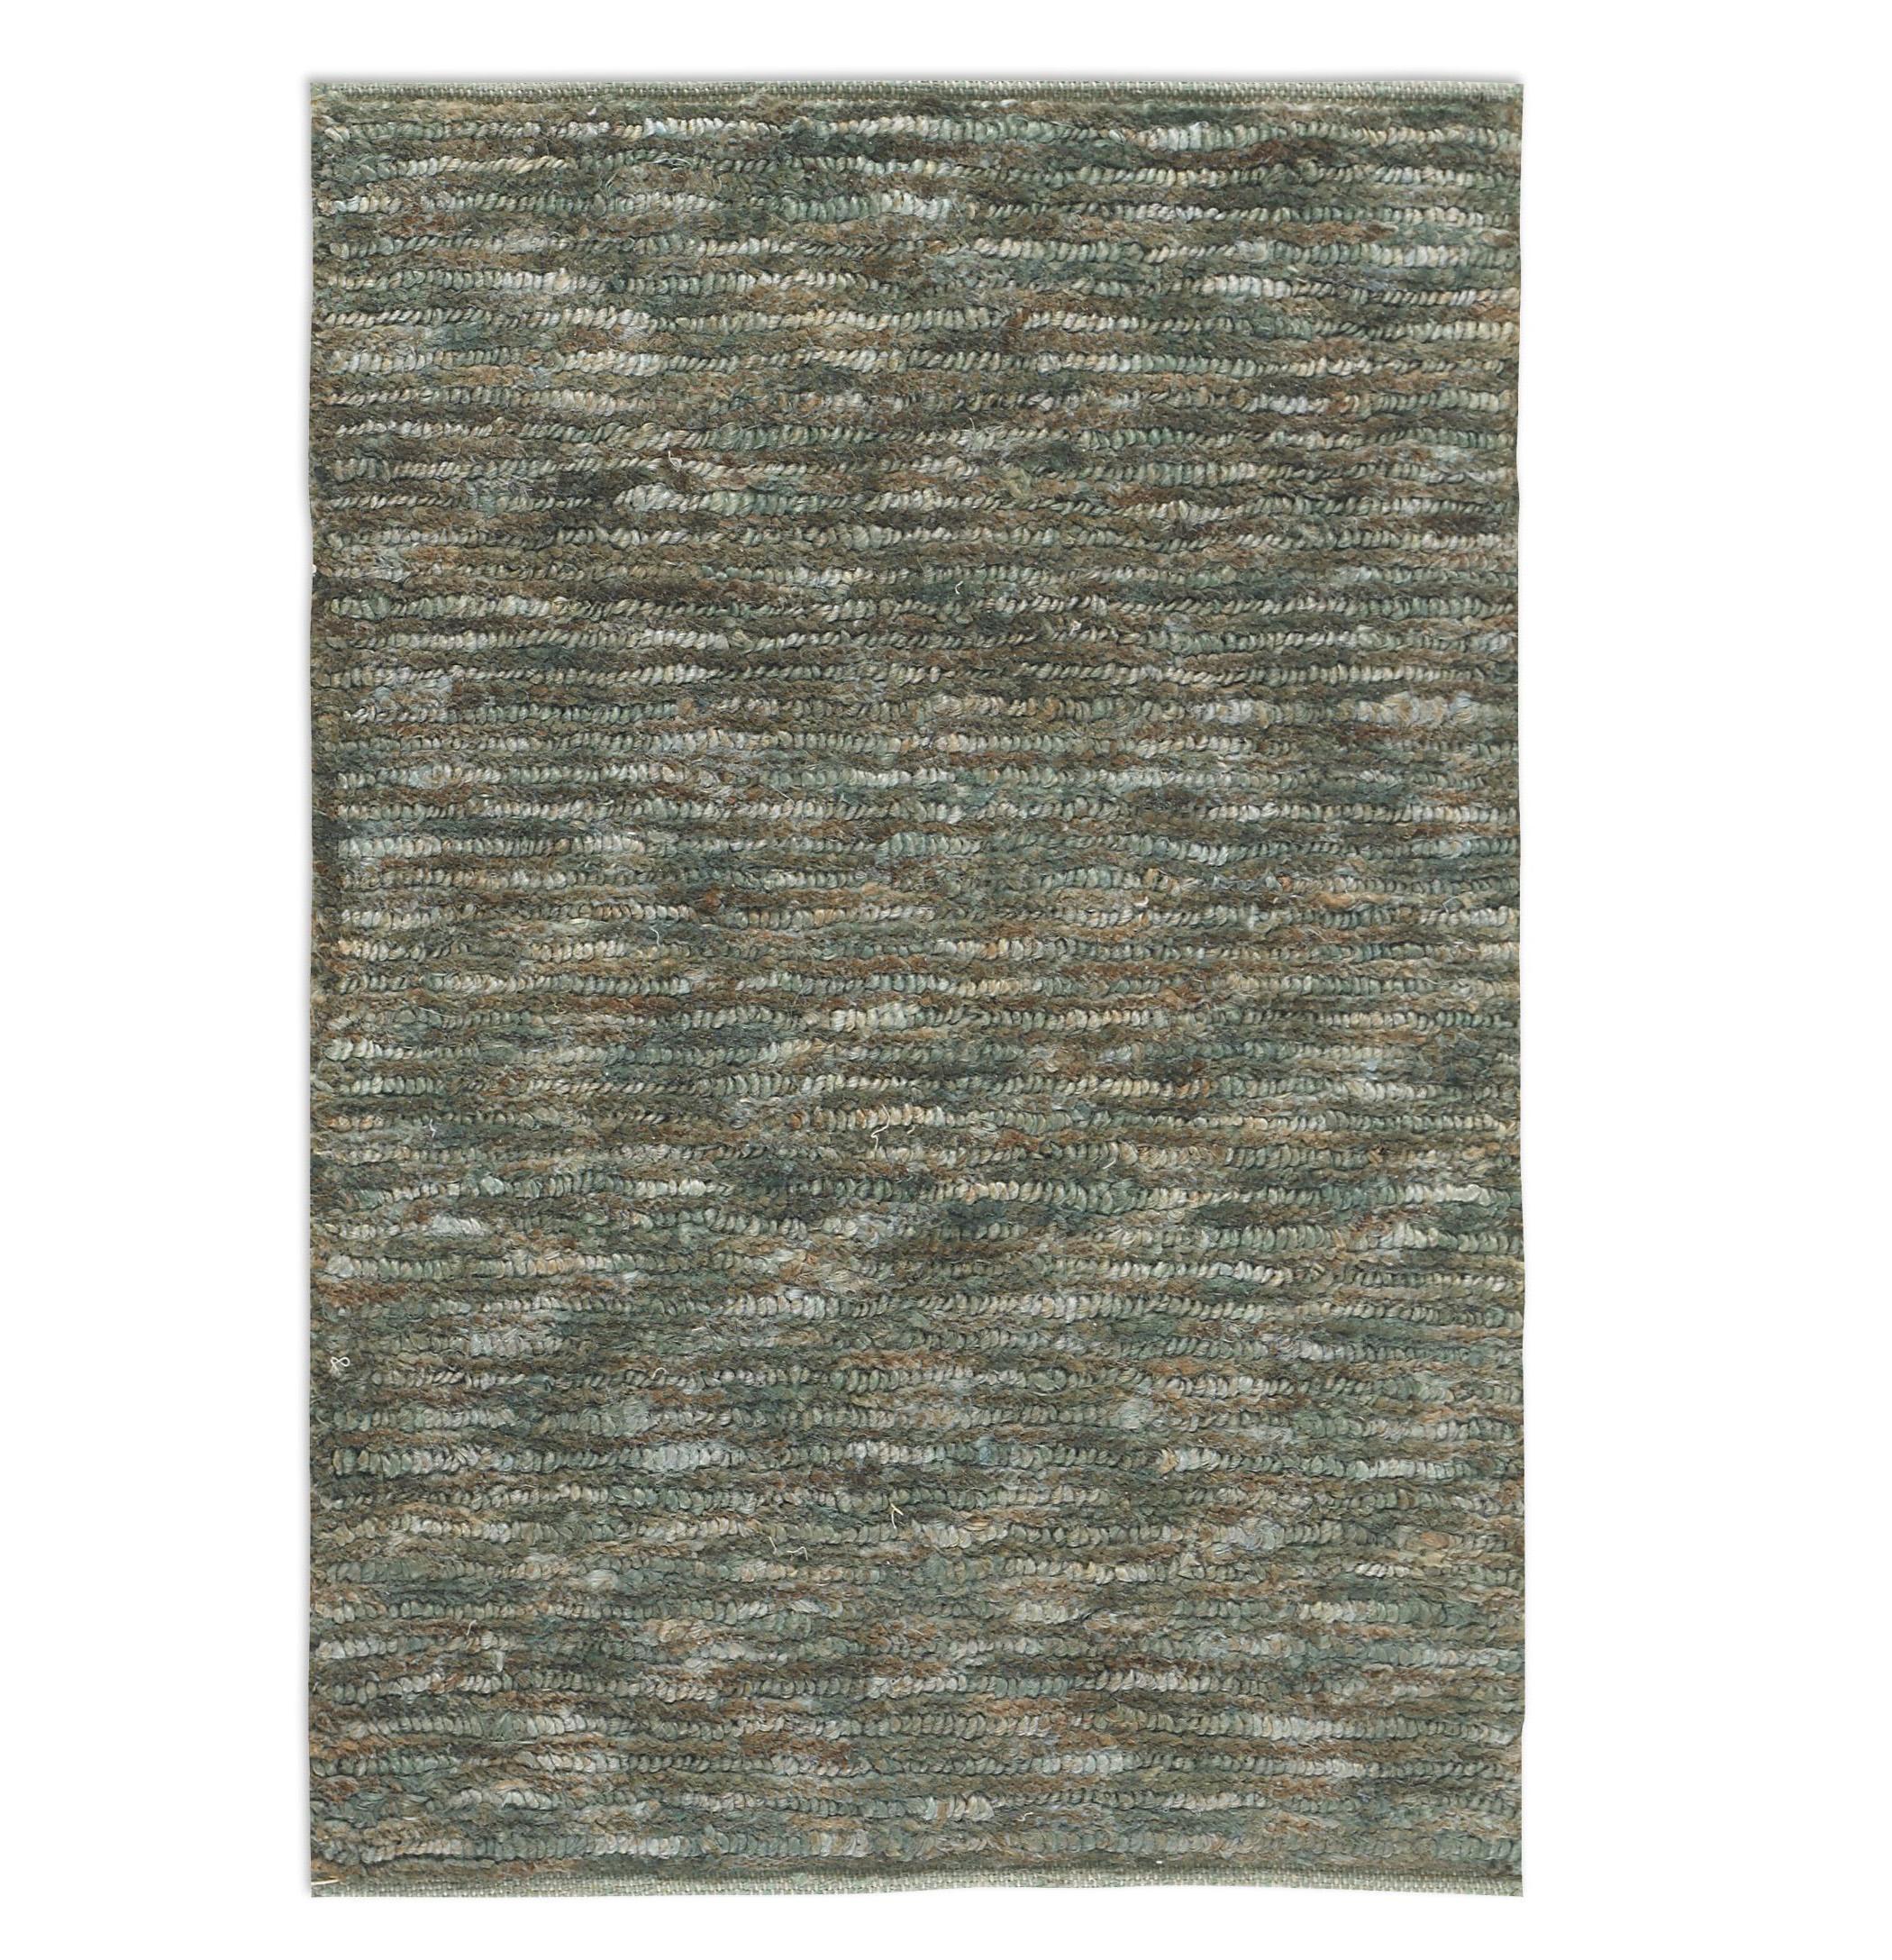 Uttermost Rugs Jessore 6 X 9 Rug - Aqua - Item Number: 70017-6